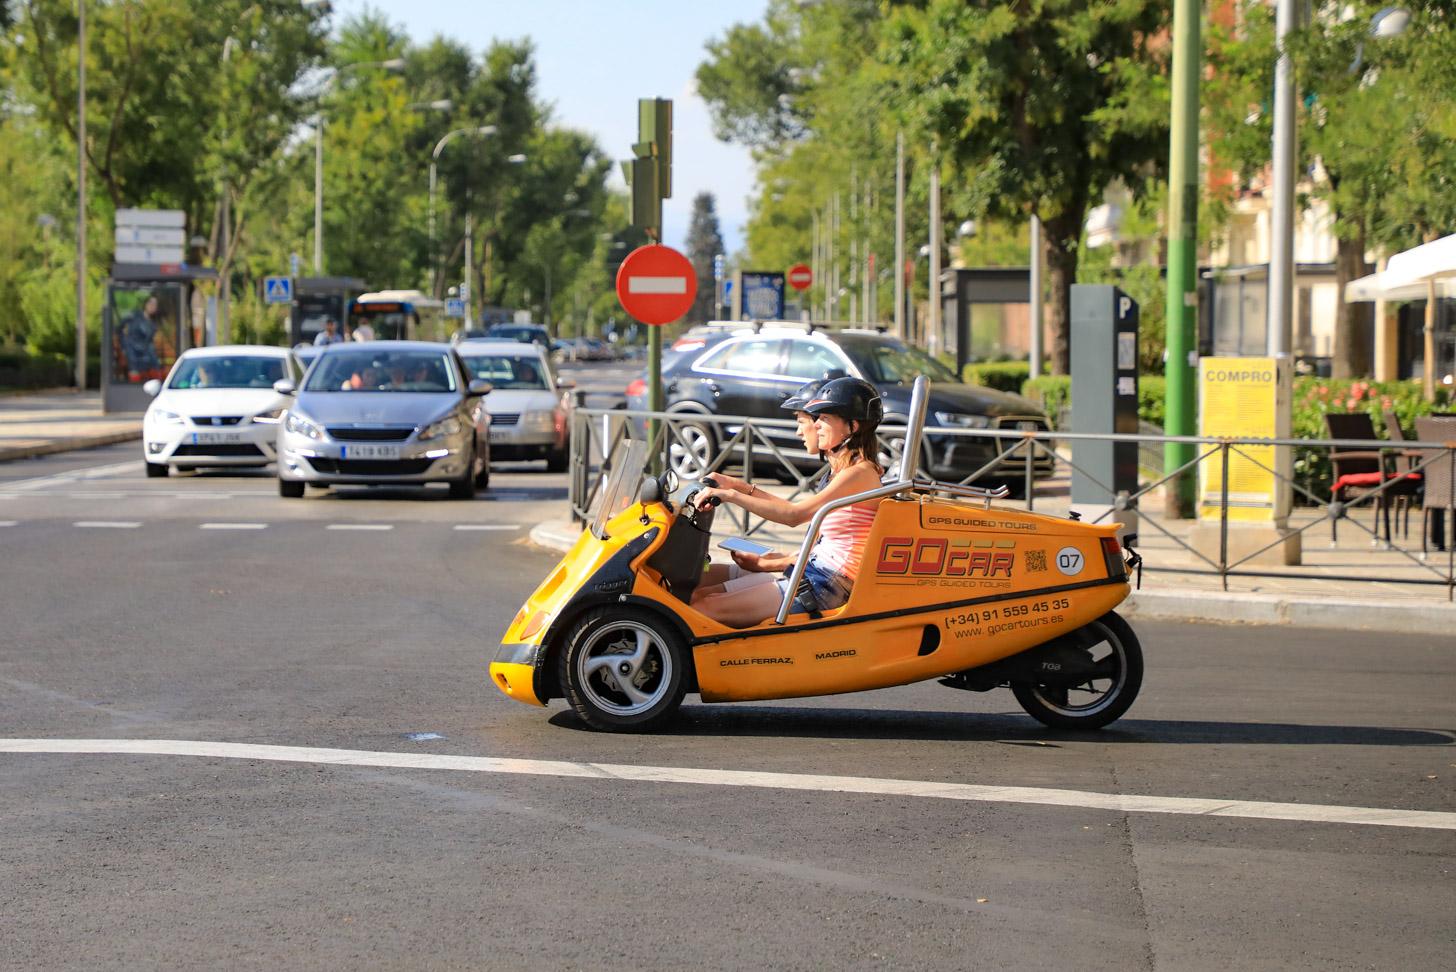 Een GoCar die door de straten van Madrid rijdt.